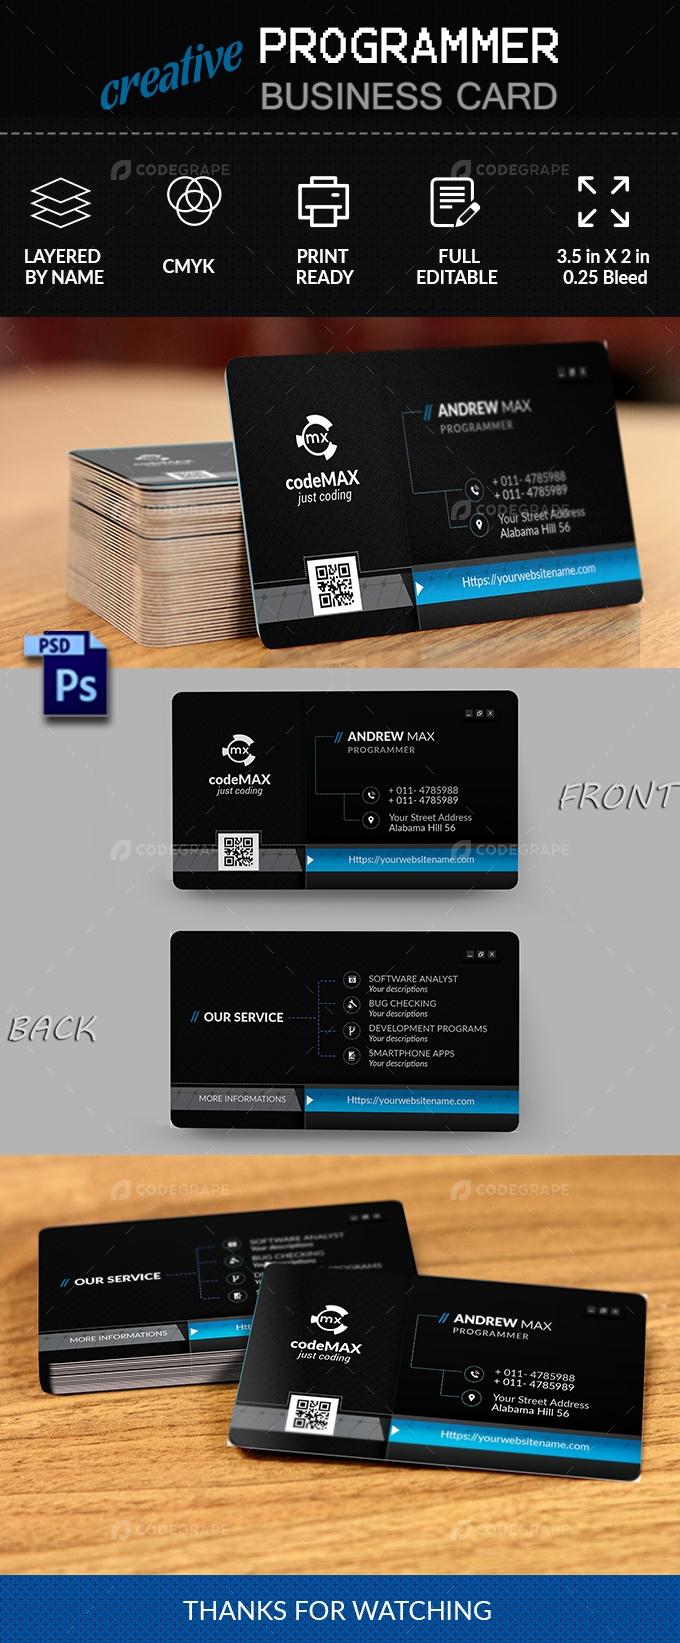 Programmer Business Card